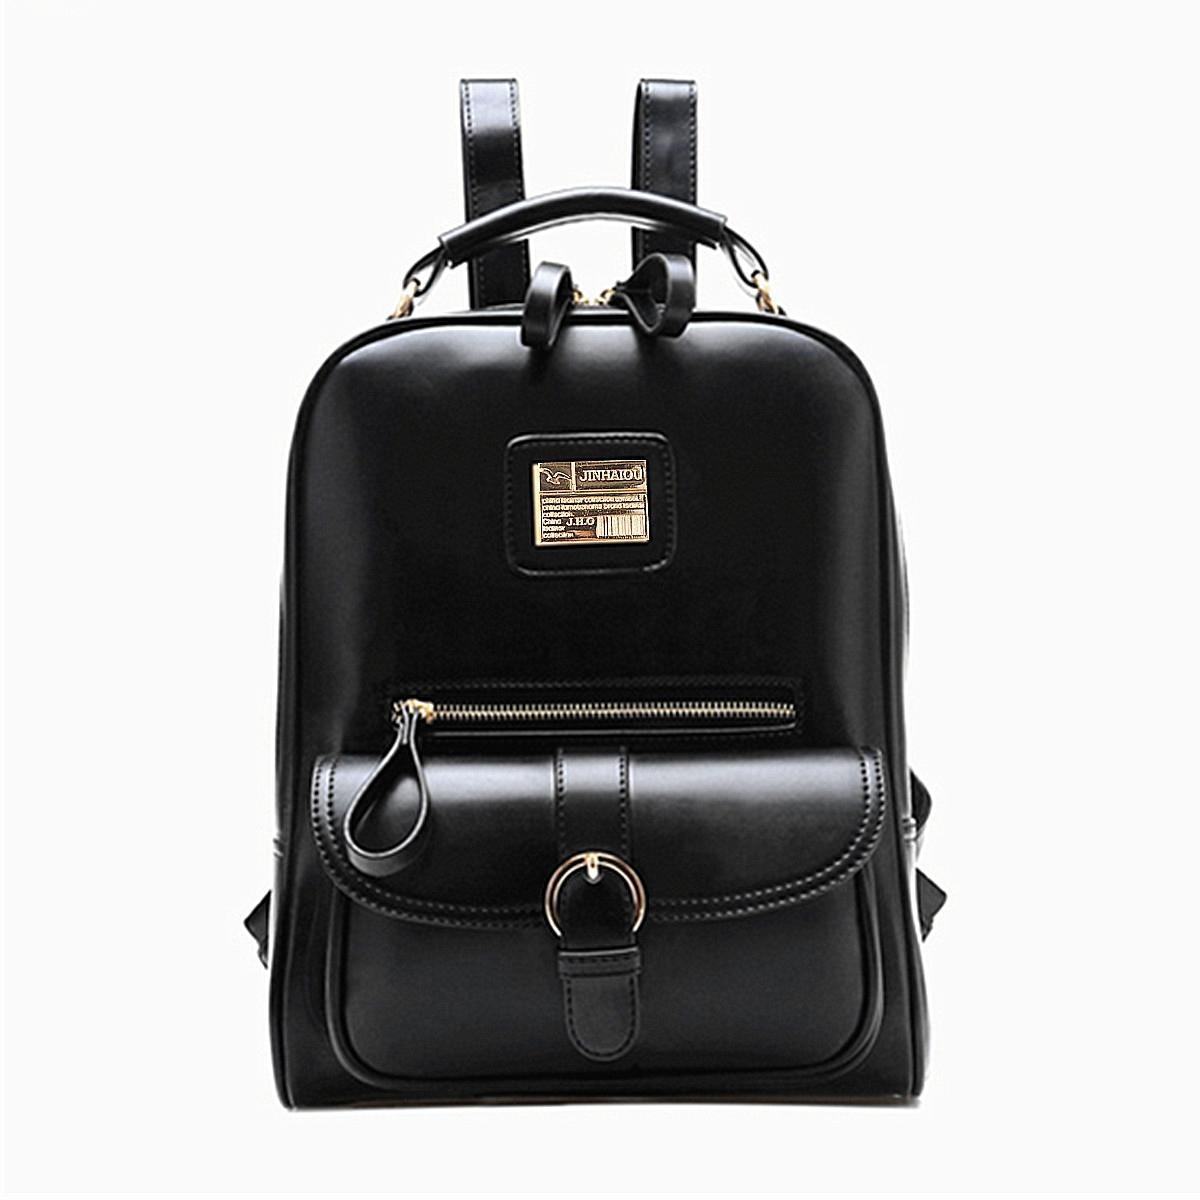 Fashion Women PU Leather Backpack Schoolbag Travel Rucksack Shoulder Bag